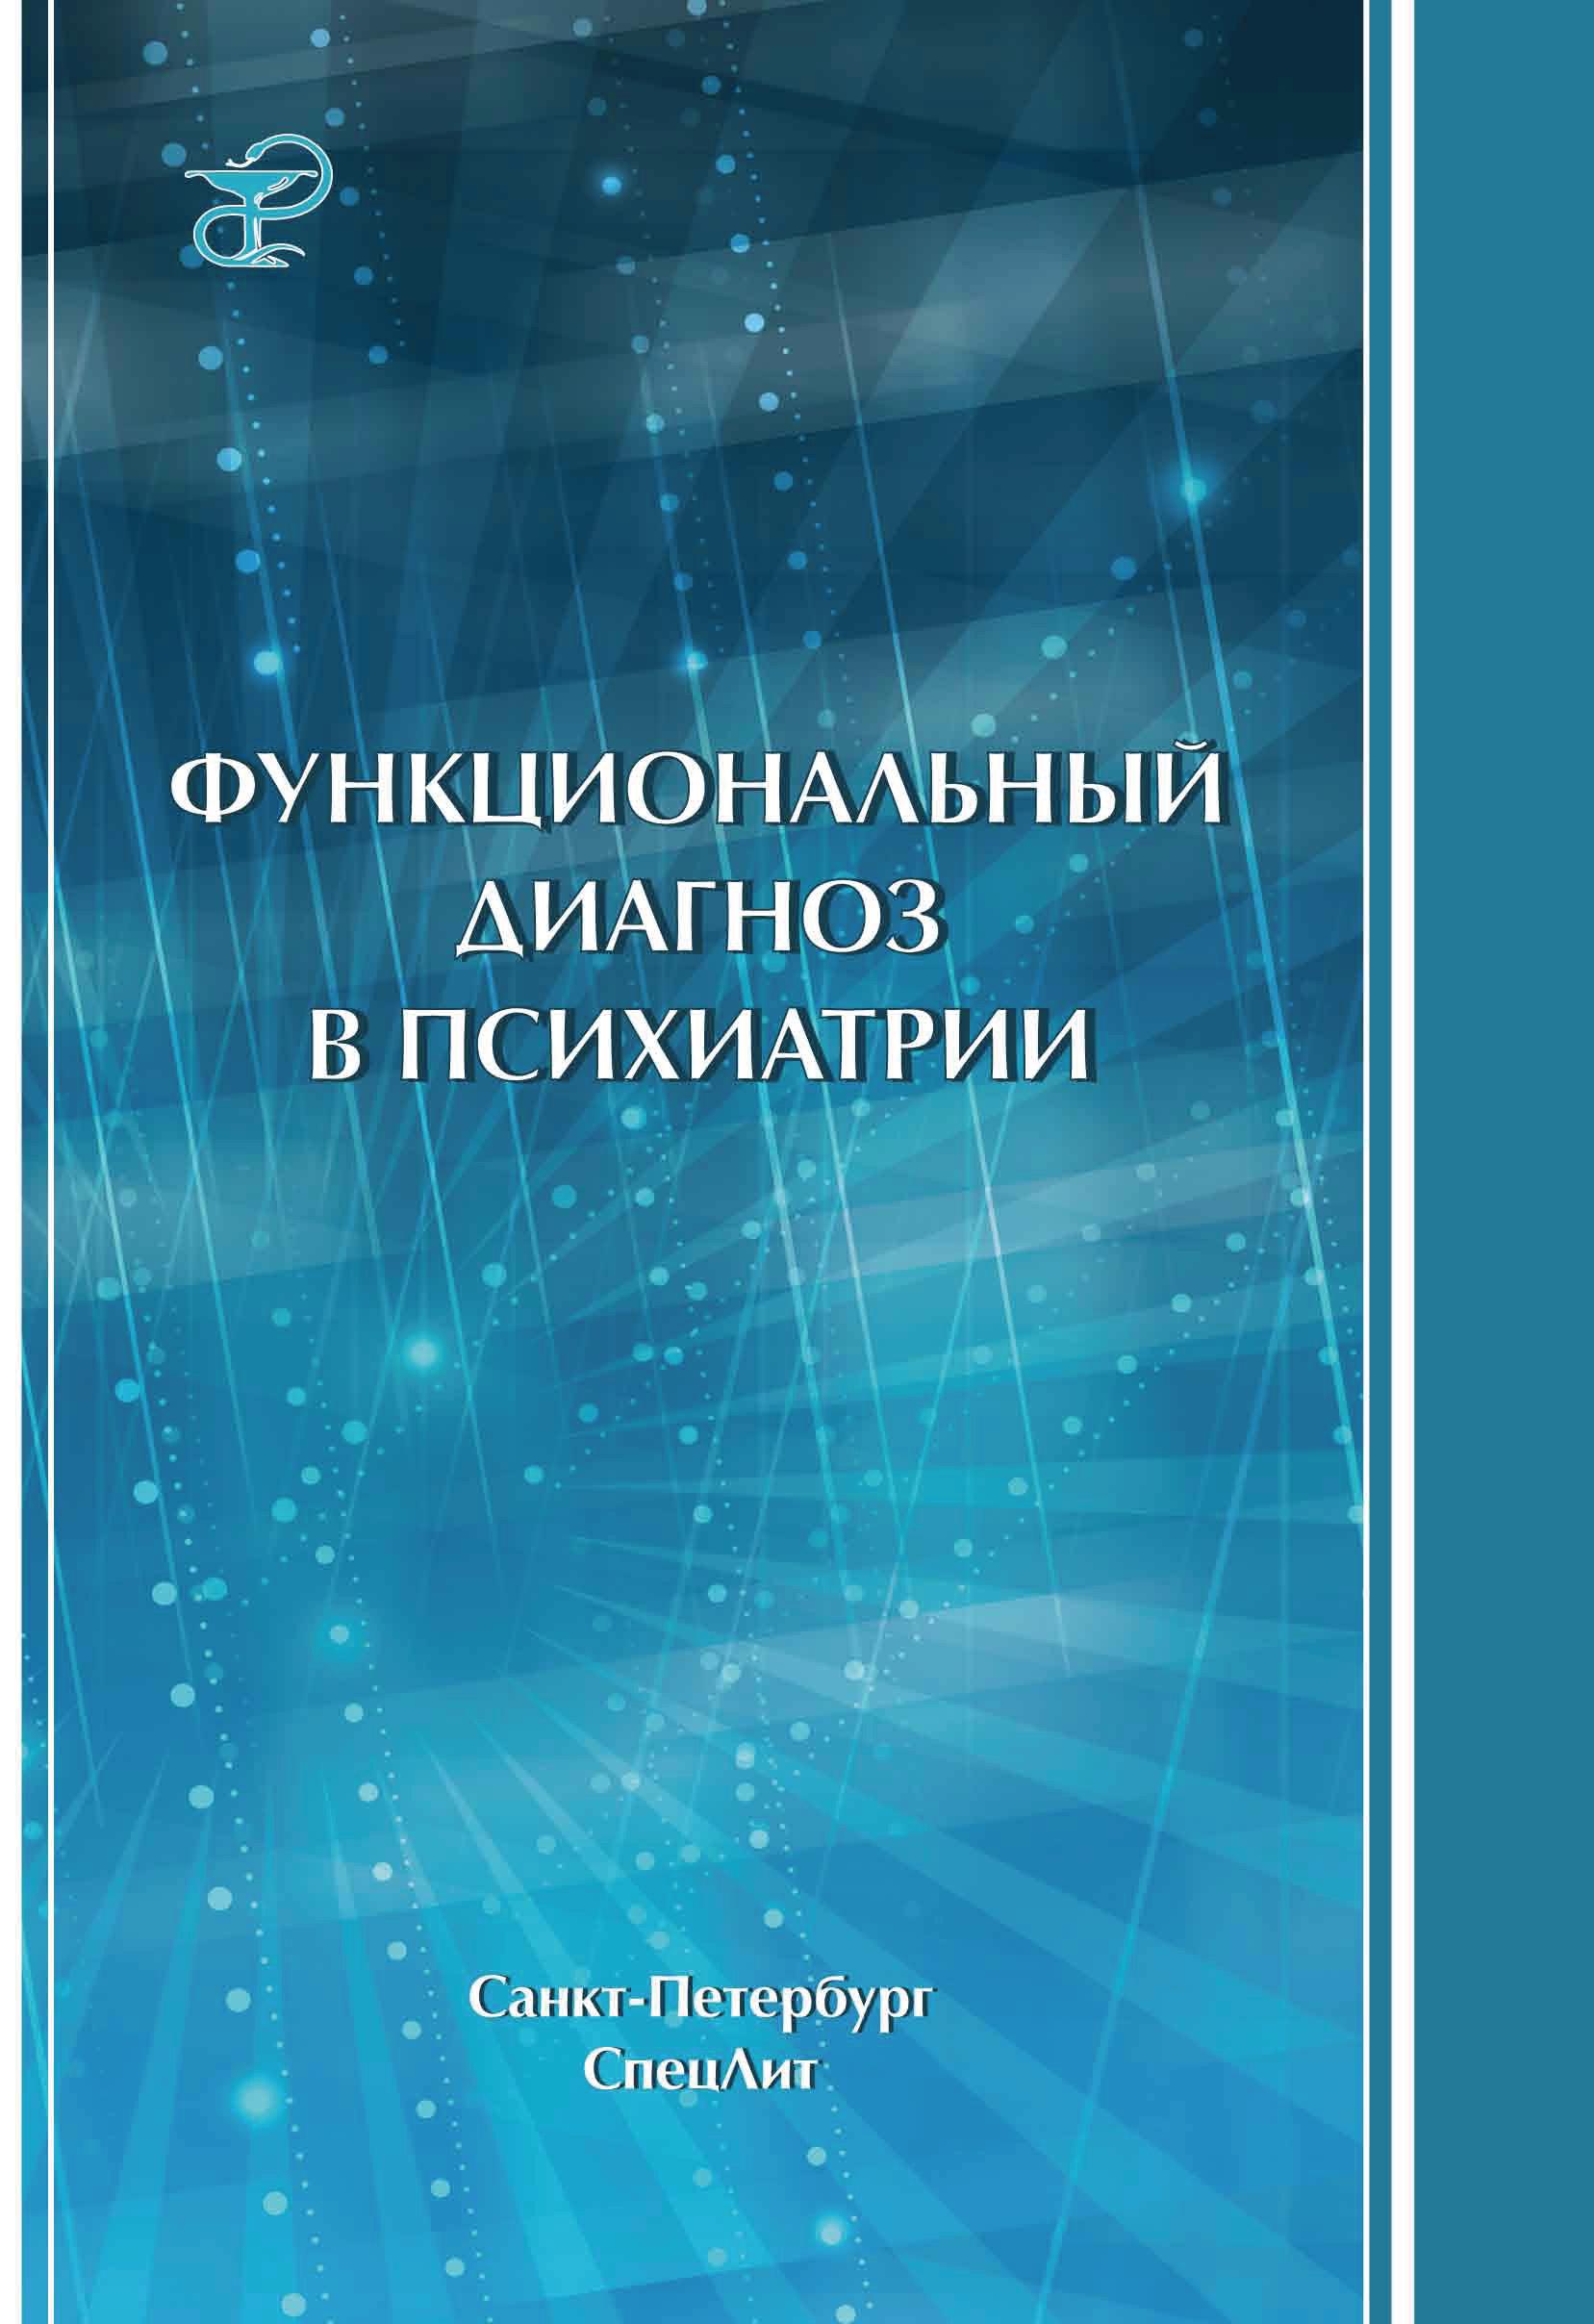 А. П. Коцюбинский Функциональный диагноз в психиатрии коцюбинский а коцюбинский д распутин жизнь смерь тайна